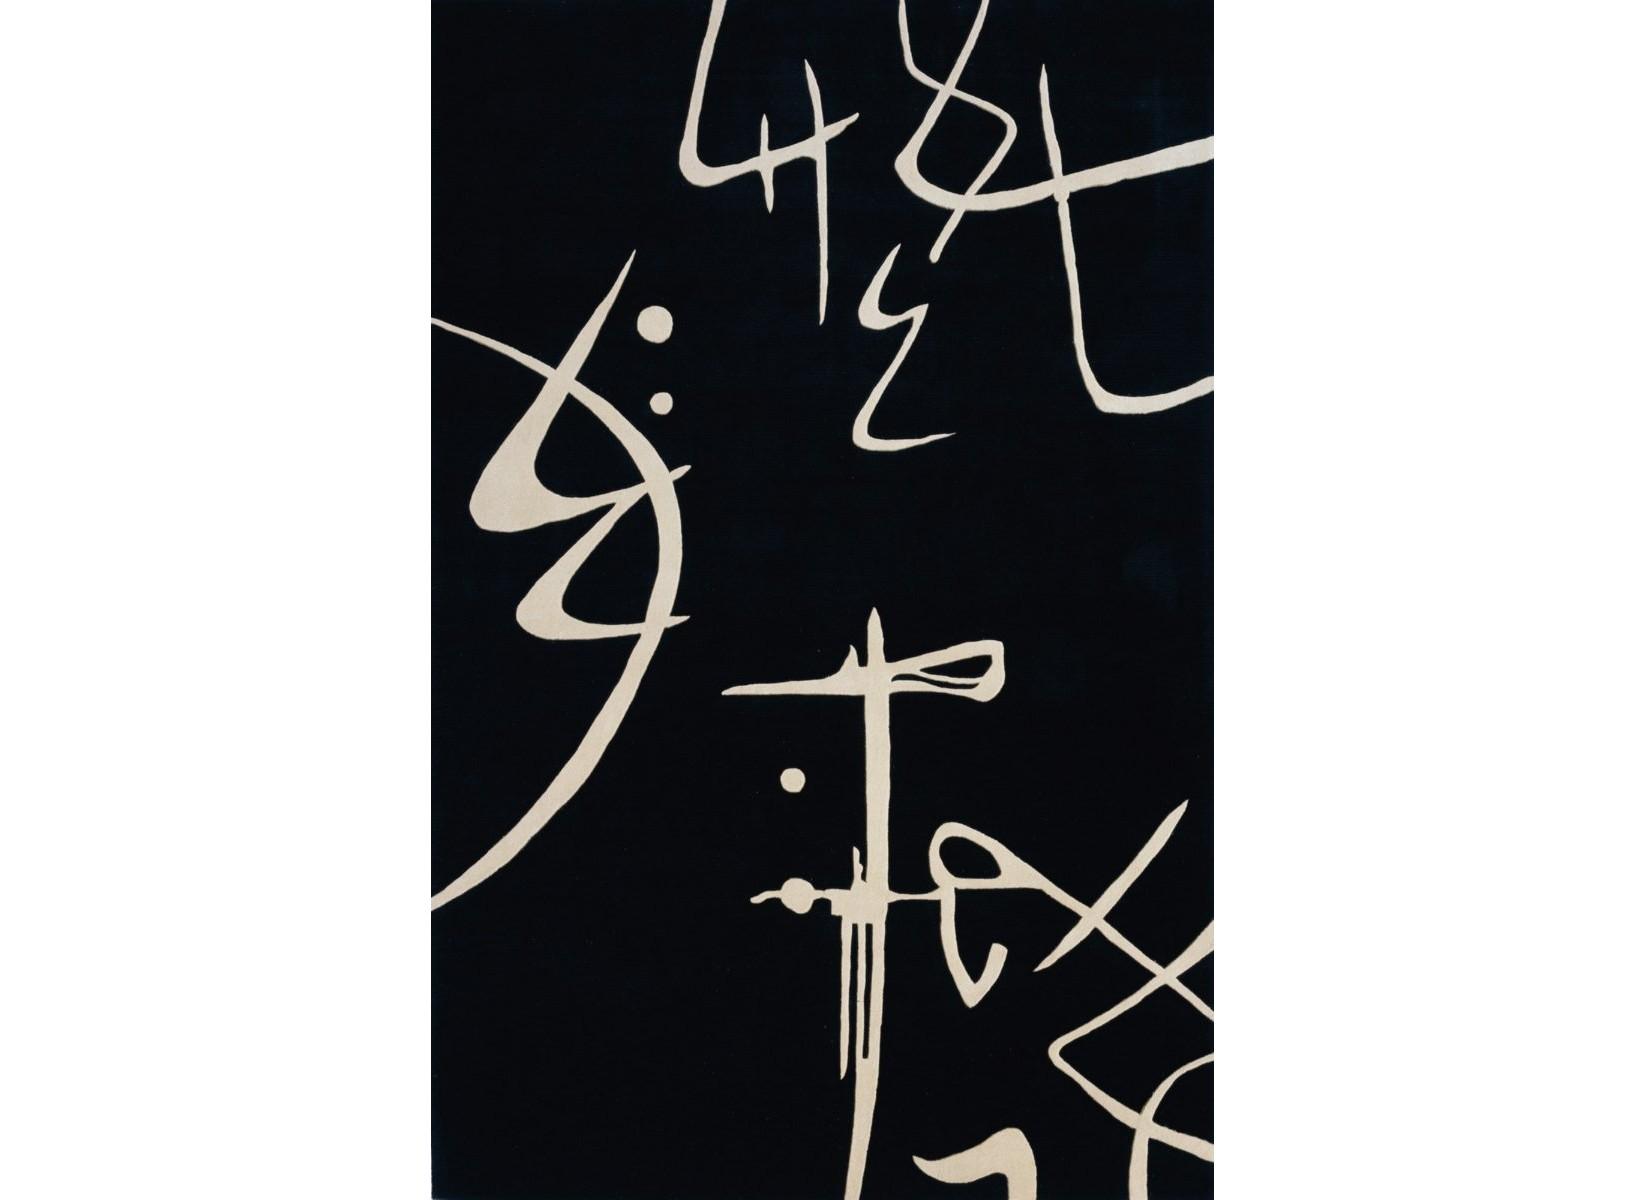 Ковер Haruki 160x230Прямоугольные ковры<br><br><br>Material: Шерсть<br>Ширина см: 160<br>Глубина см: 230